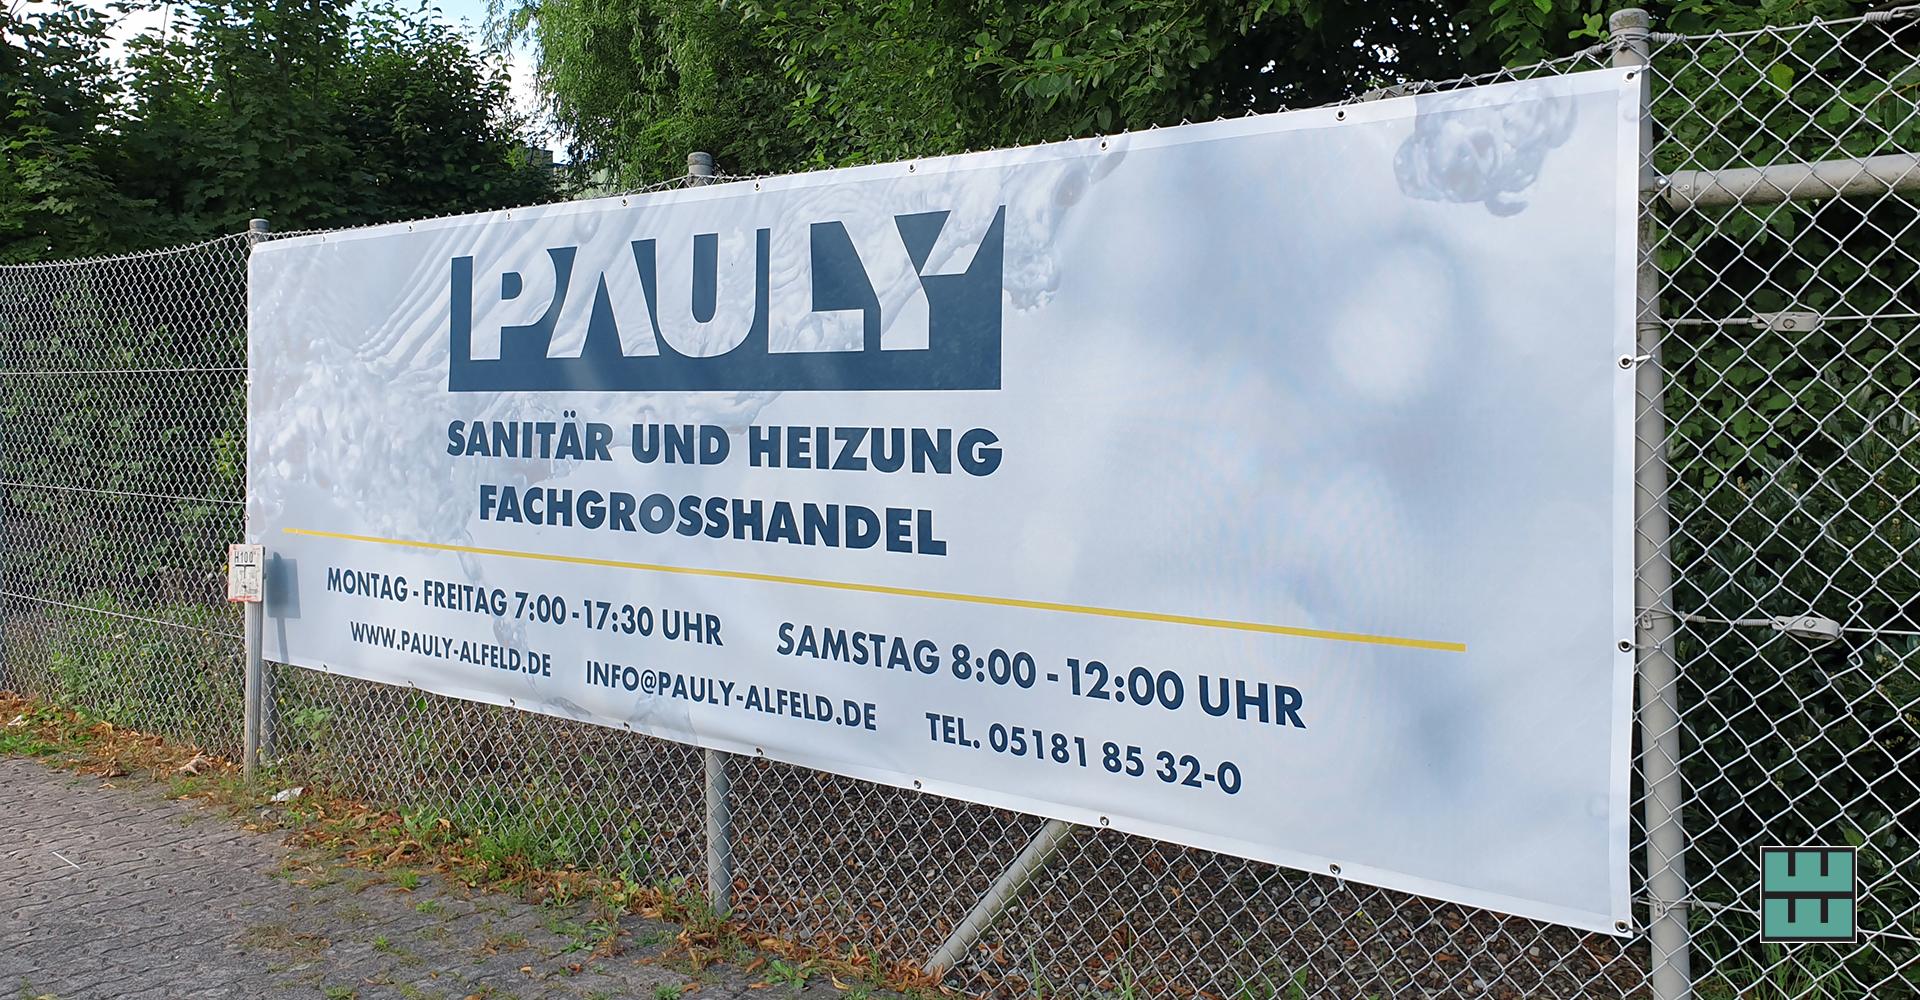 Die Firma Pauly aus Alfeld präsentiert sich im einheitlichen Design und hat in dem Zug ihre Hinweisschilder aktualisiert (Hier: XXL-Banner in 5m Breite)